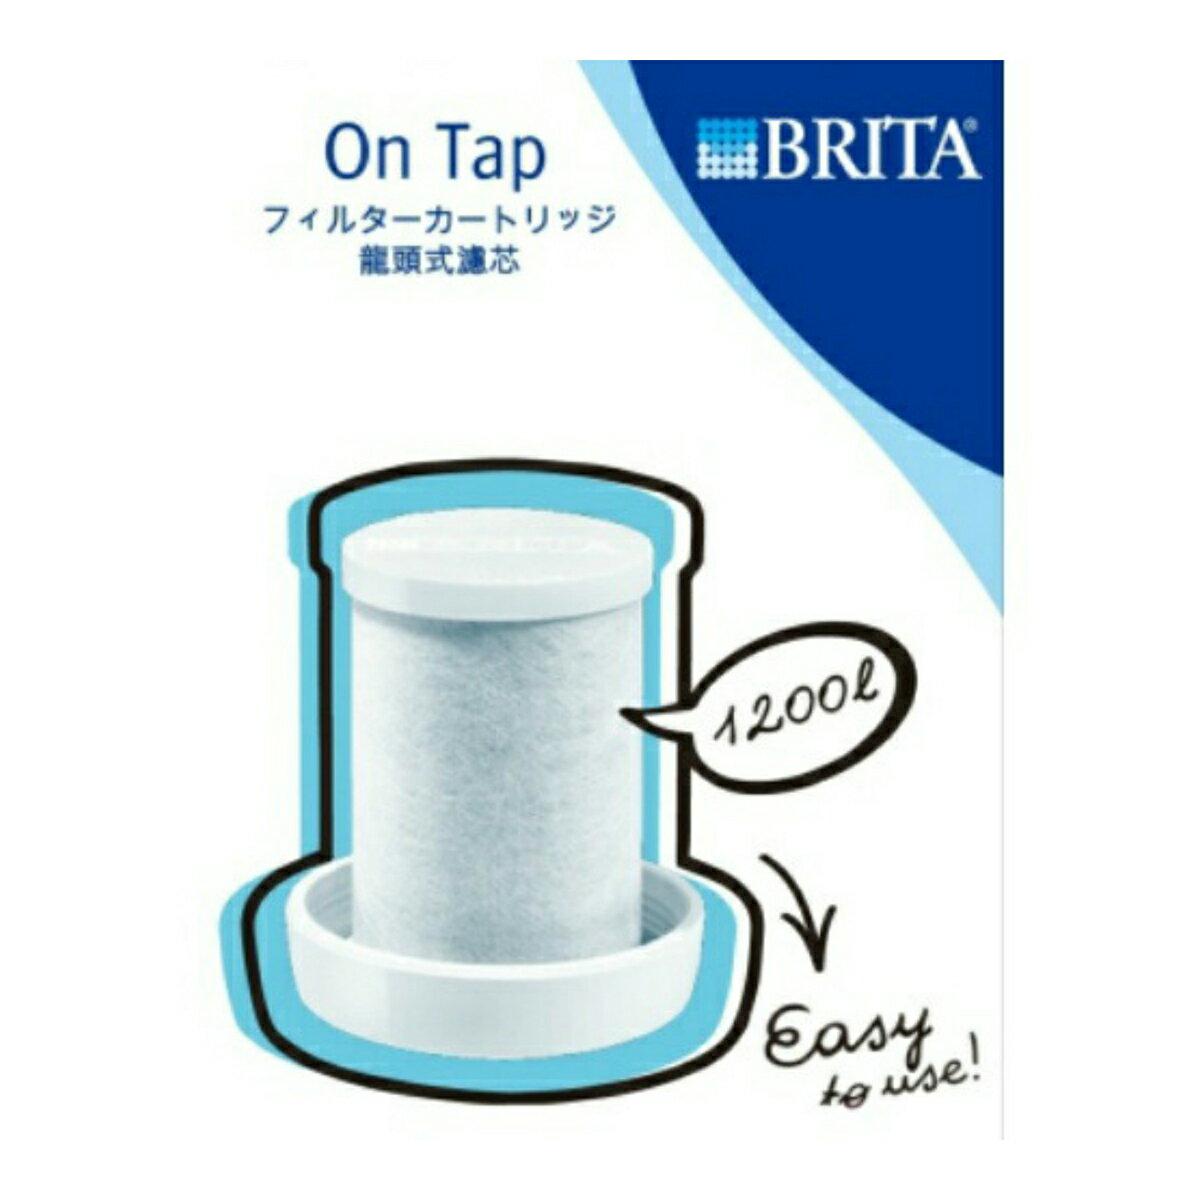 【送料無料・まとめ買い×3】NEW ブリタ 蛇口直結型浄水器 オンタップ 専用フィルターカートリッジ 1個 ×3点セット ( 4006387063597 )